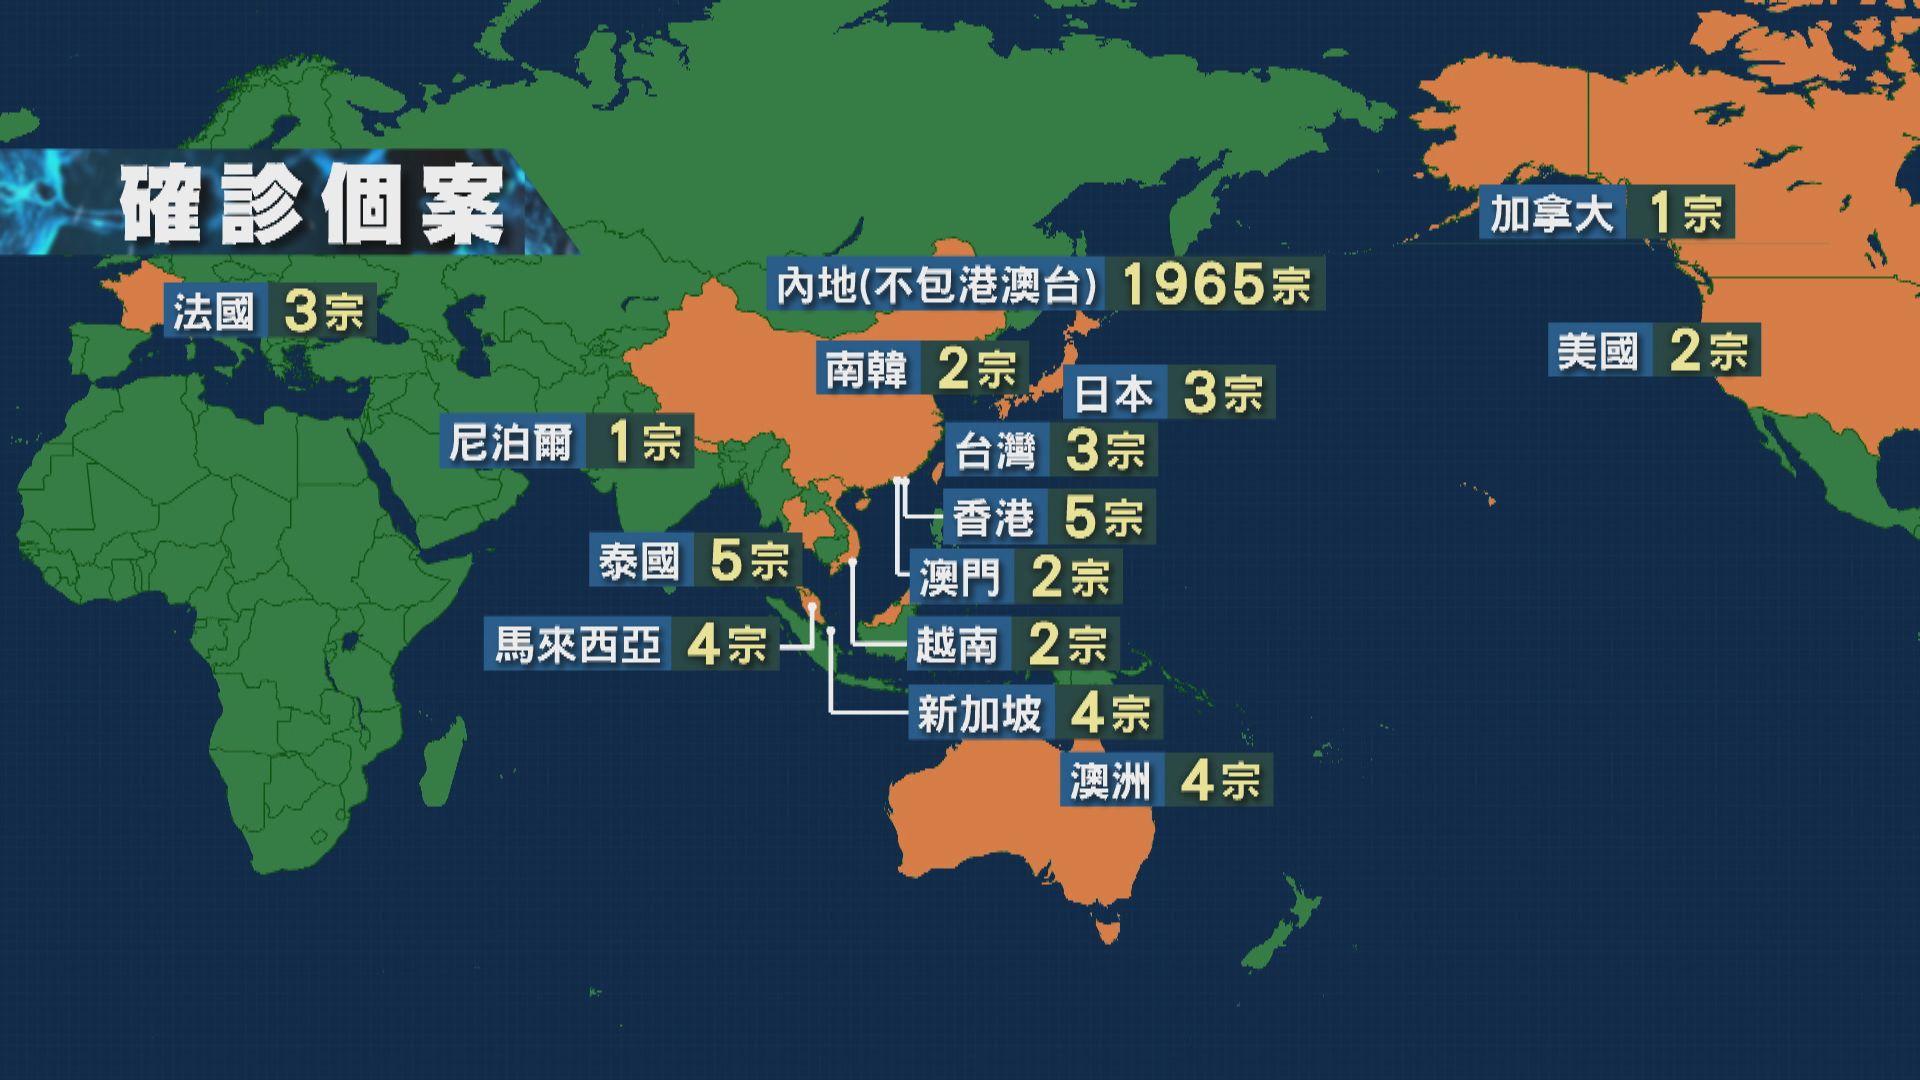 新型冠狀病毒疫情持續 全球確診個案突破1900宗